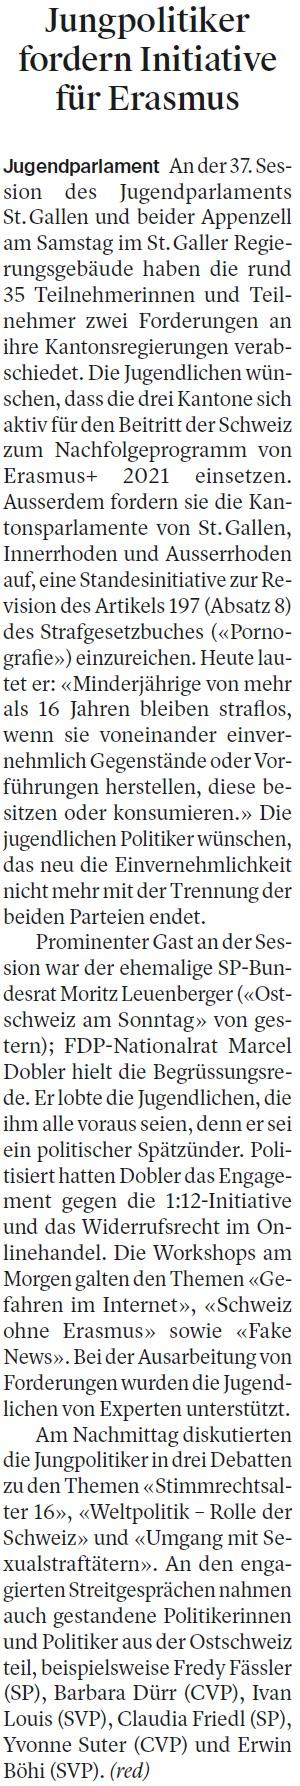 Jungpolitiker fordern Initiative für Erasmus (Montag, 06.11.2017)